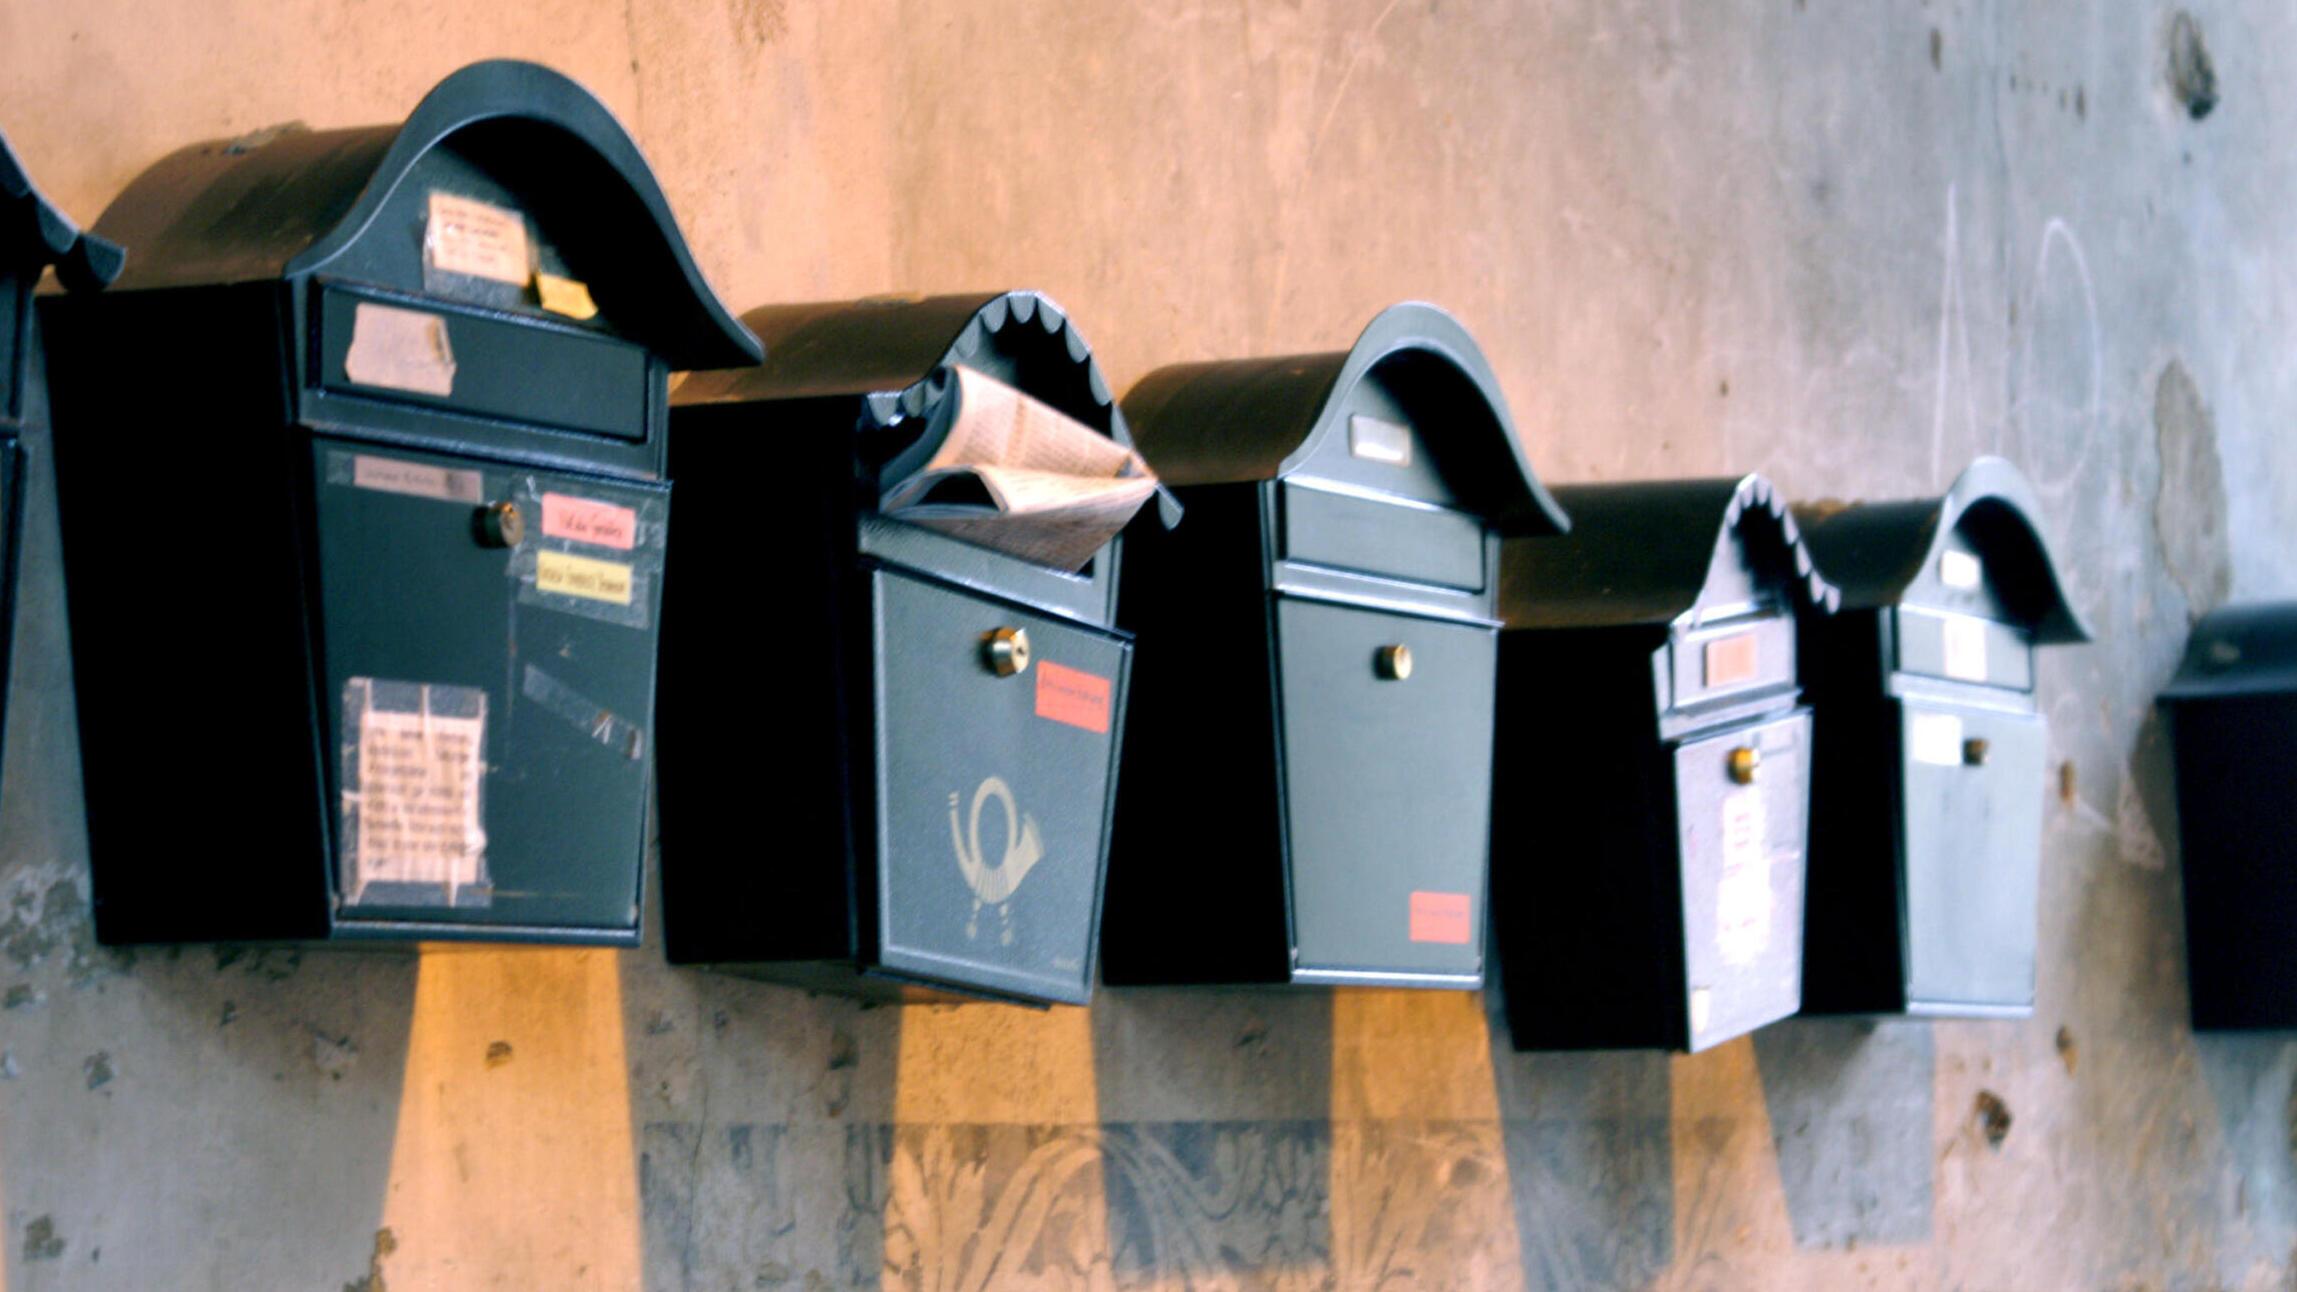 eprivacy-verordnung-–-digitalunternehmen-fordern-strengere-regulierung